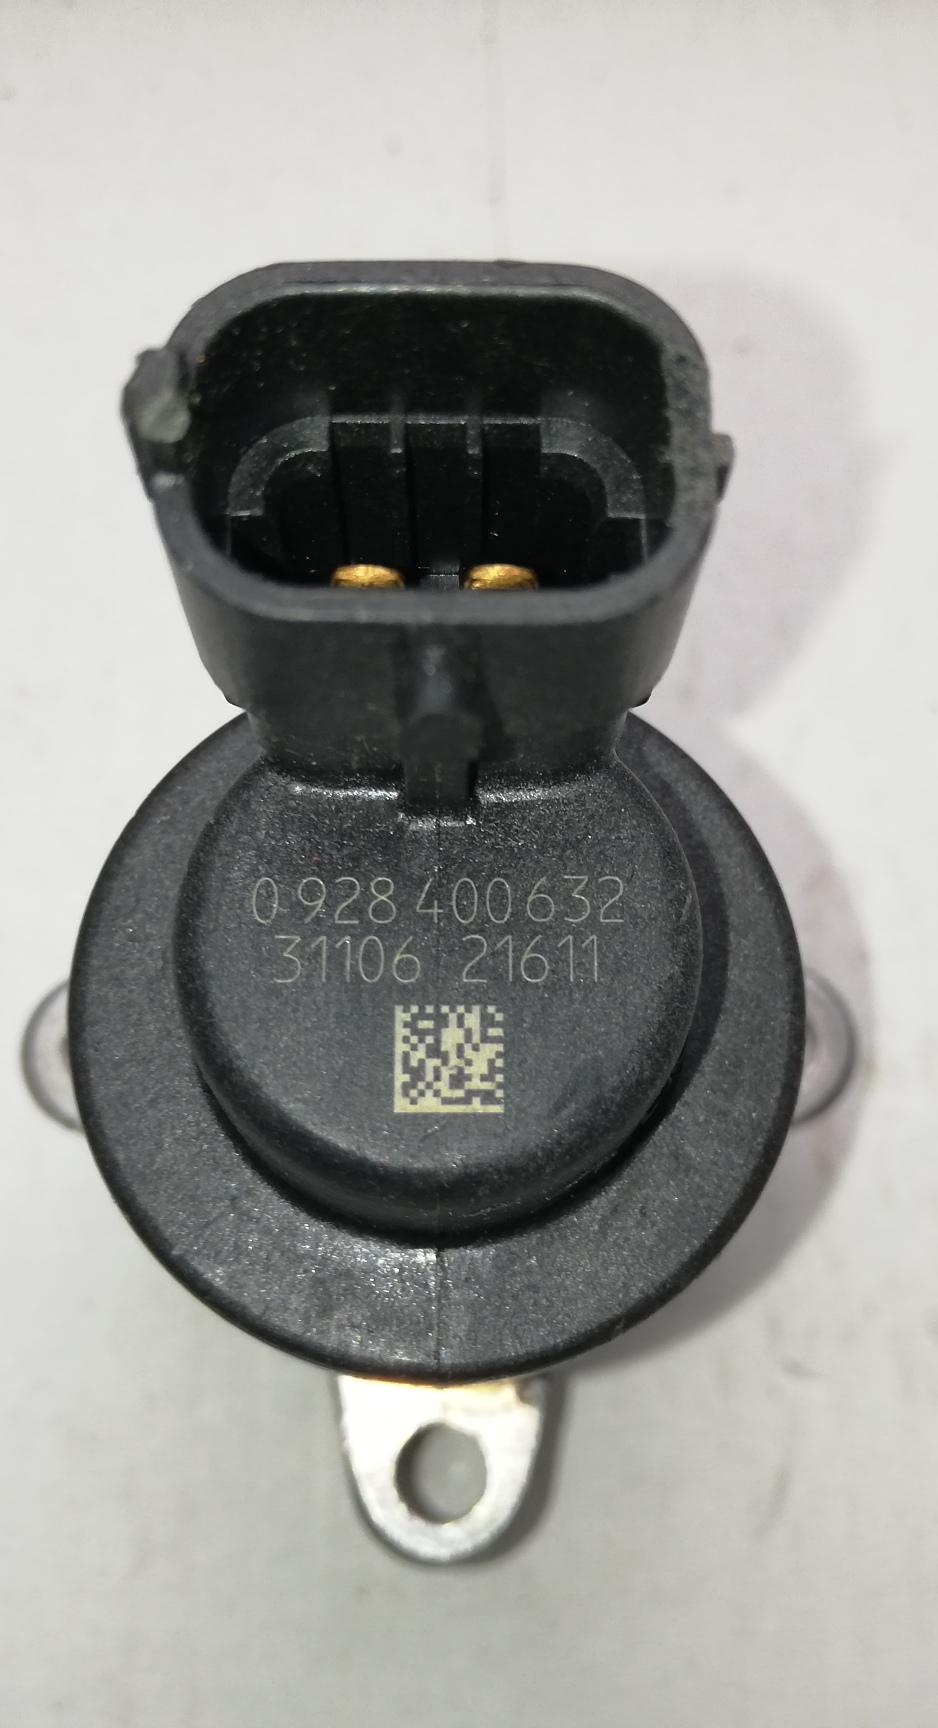 Nowy zawór regulacji ciśnienia 0928400632